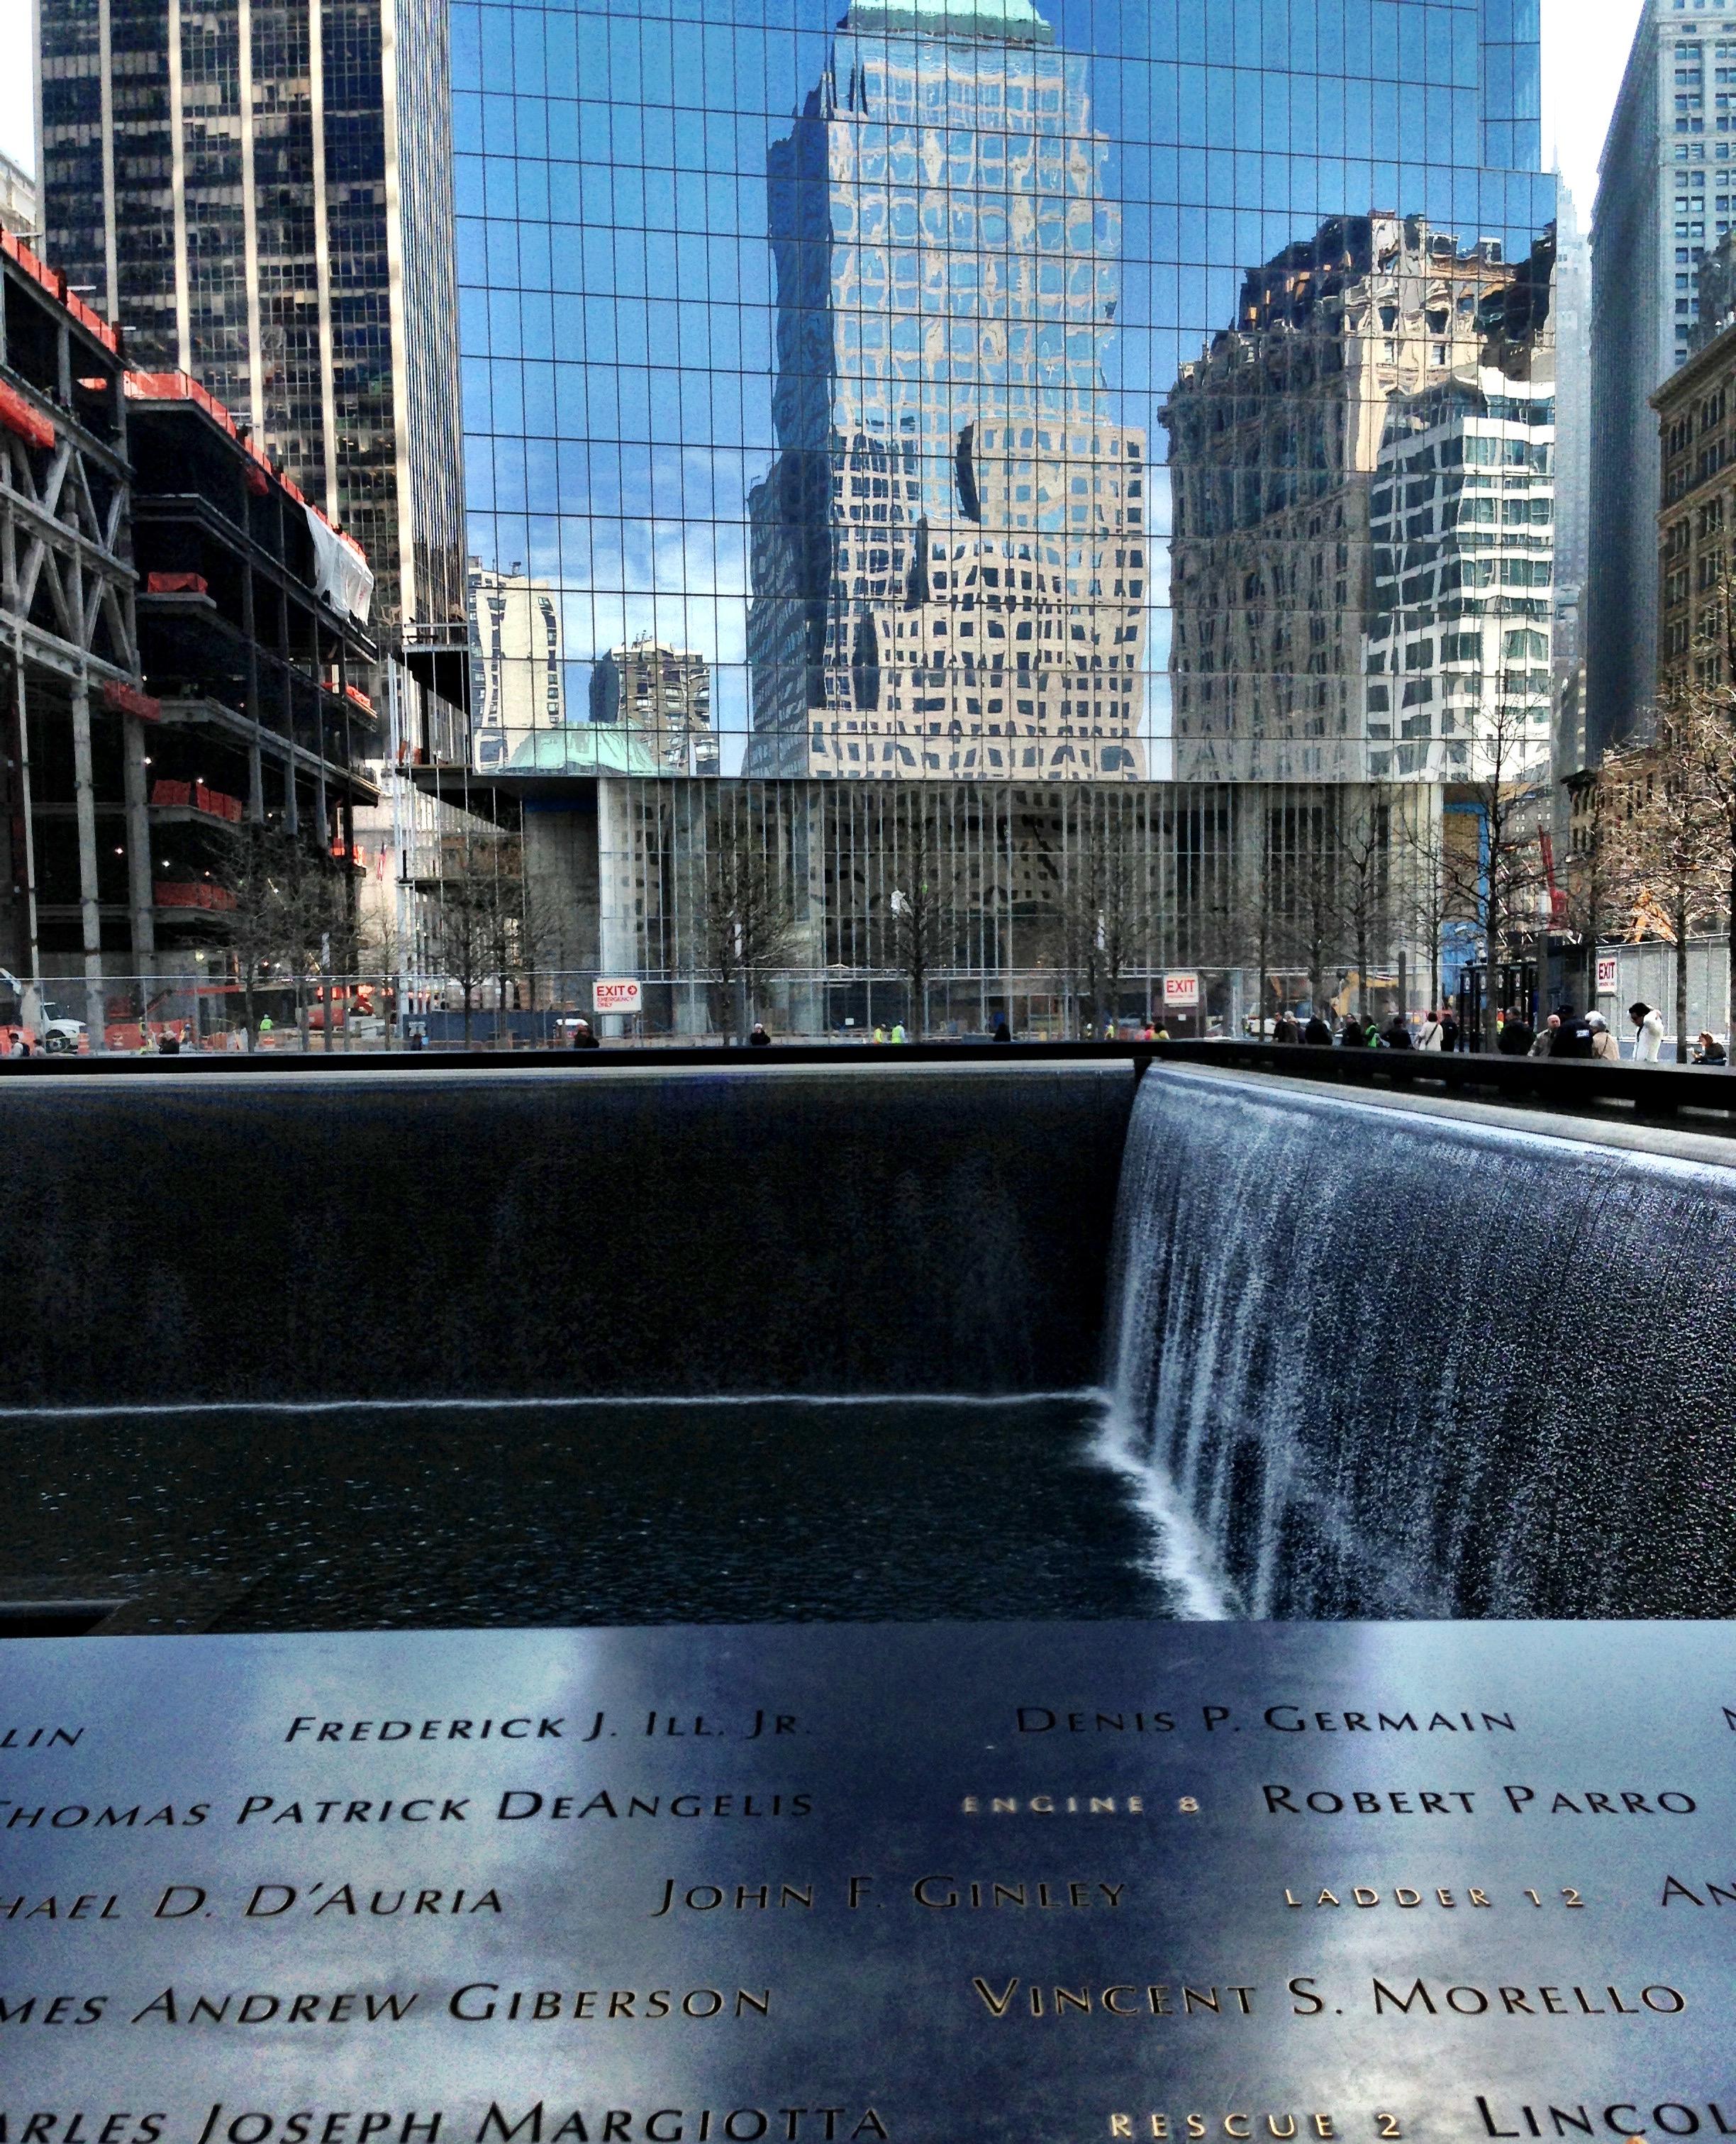 9_11 Memorial museum.jpeg